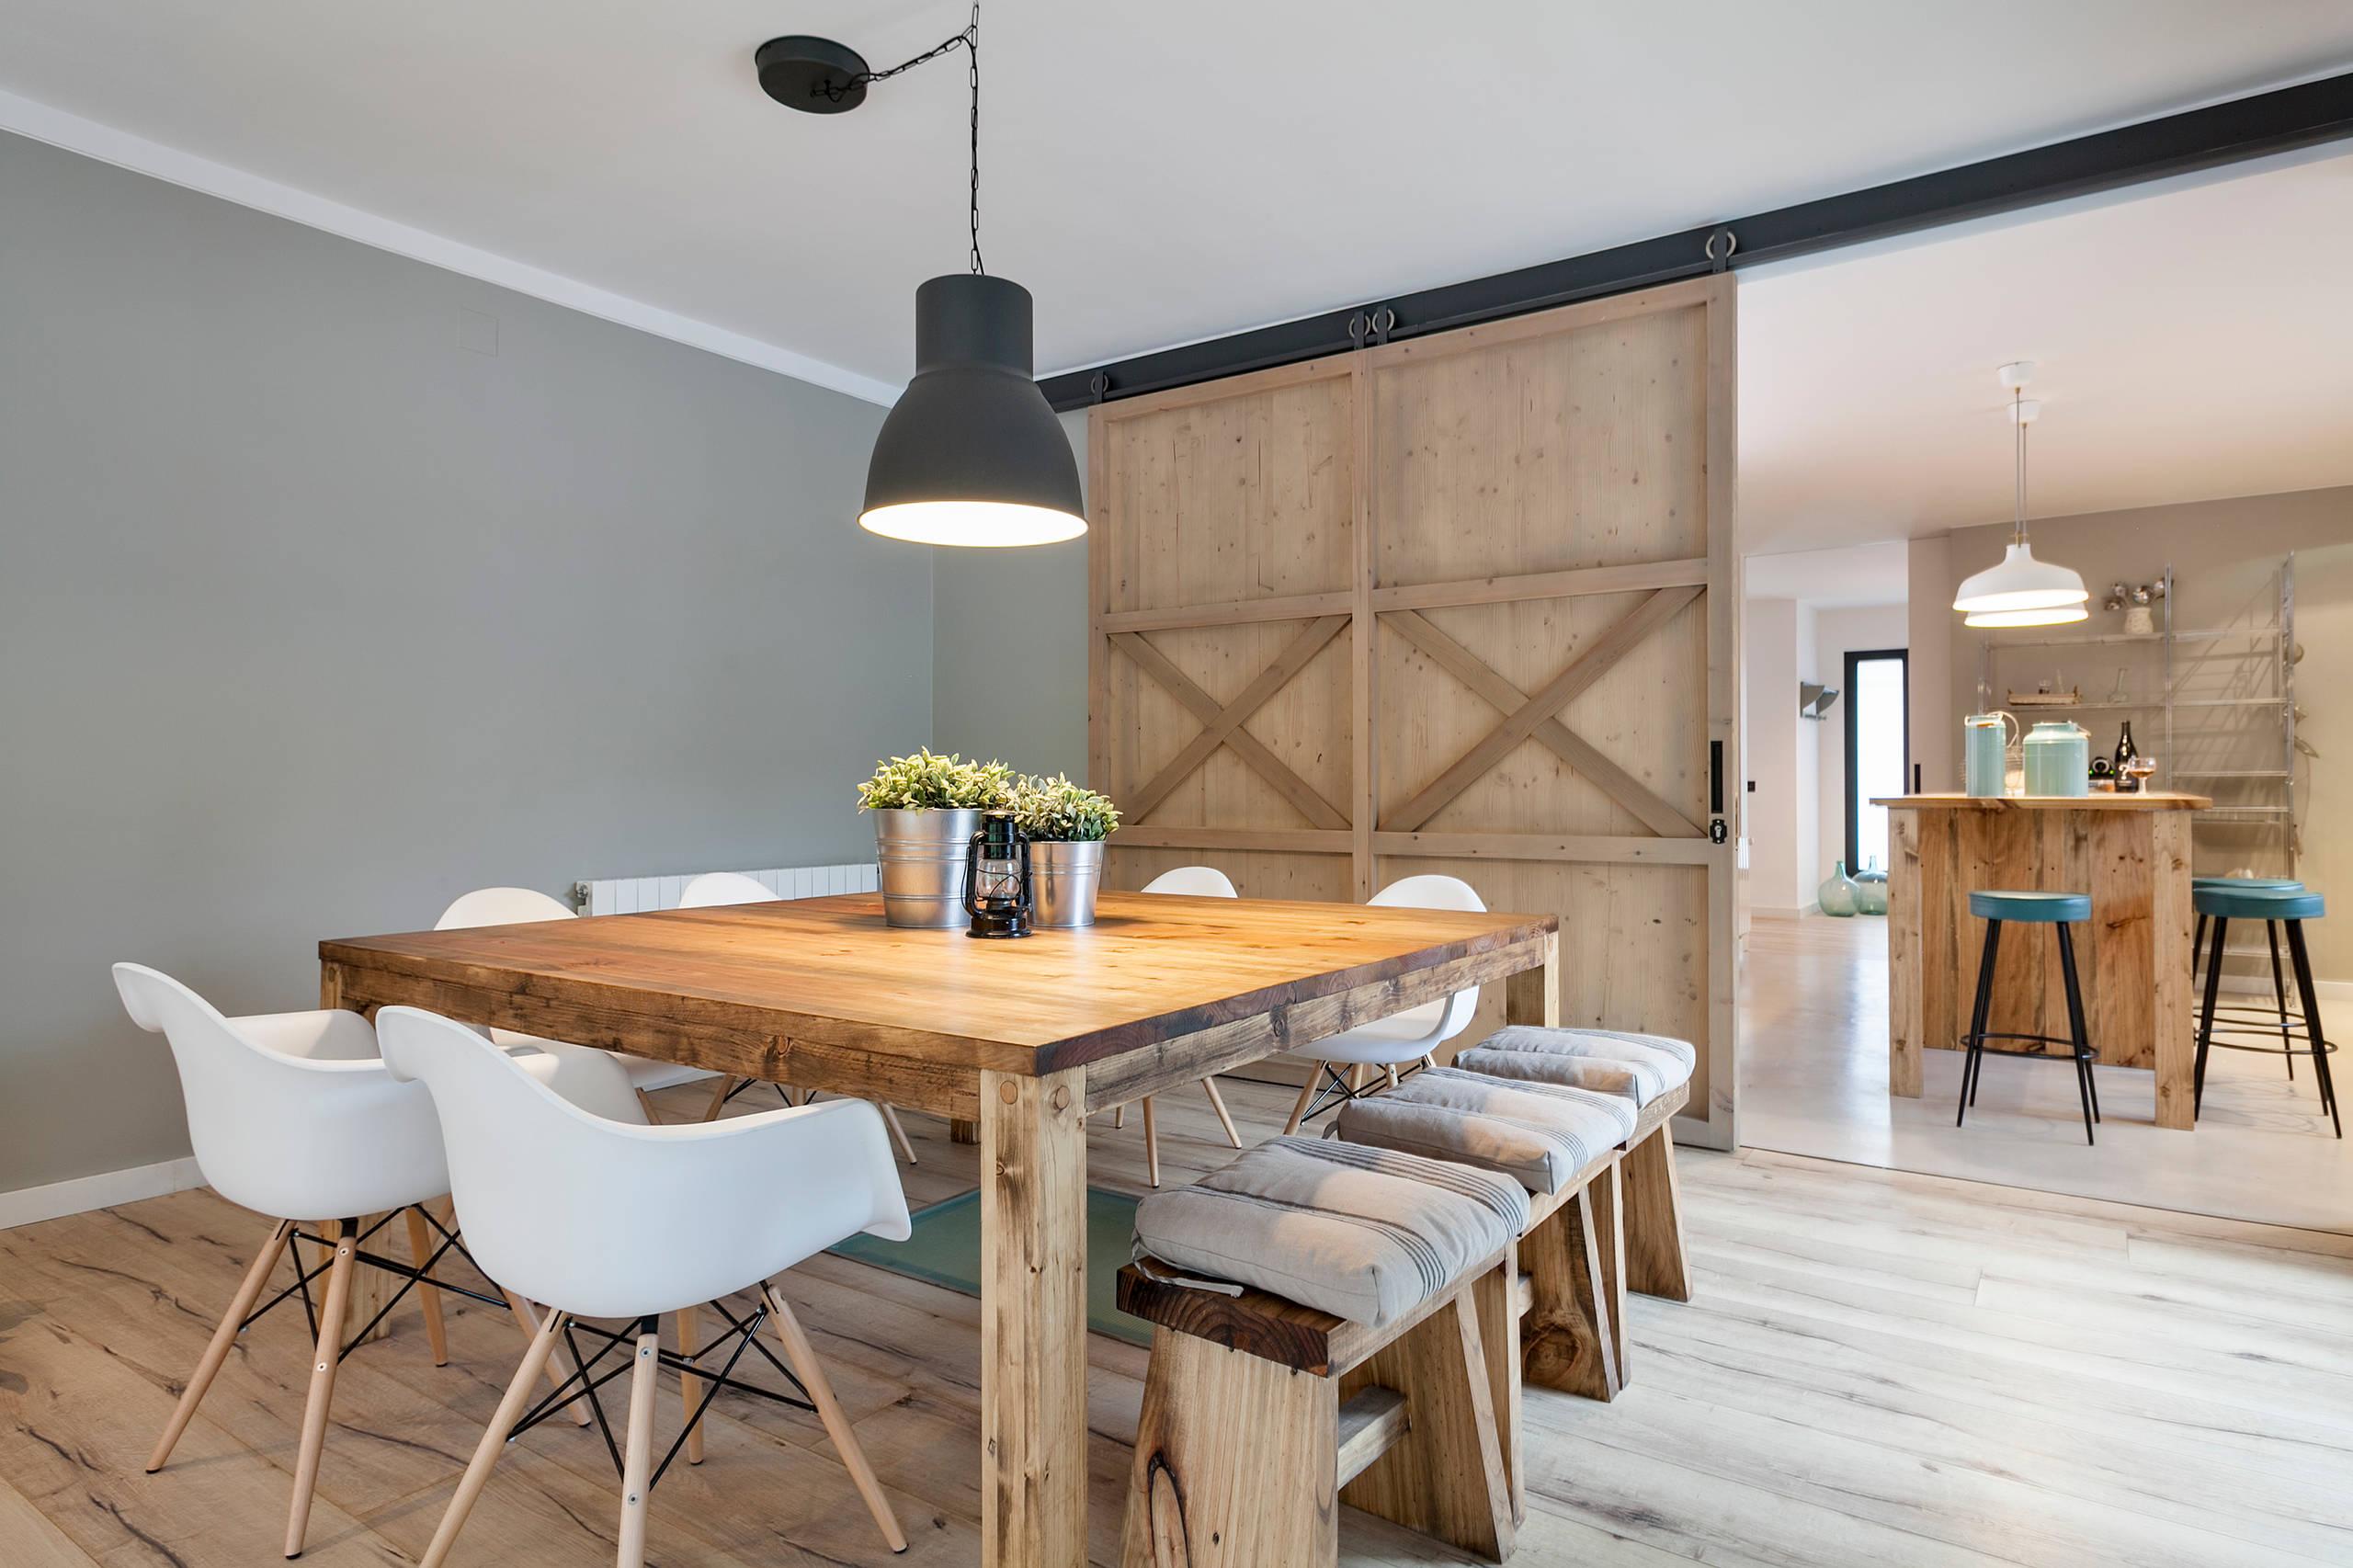 Casa decorada con predominio de madera